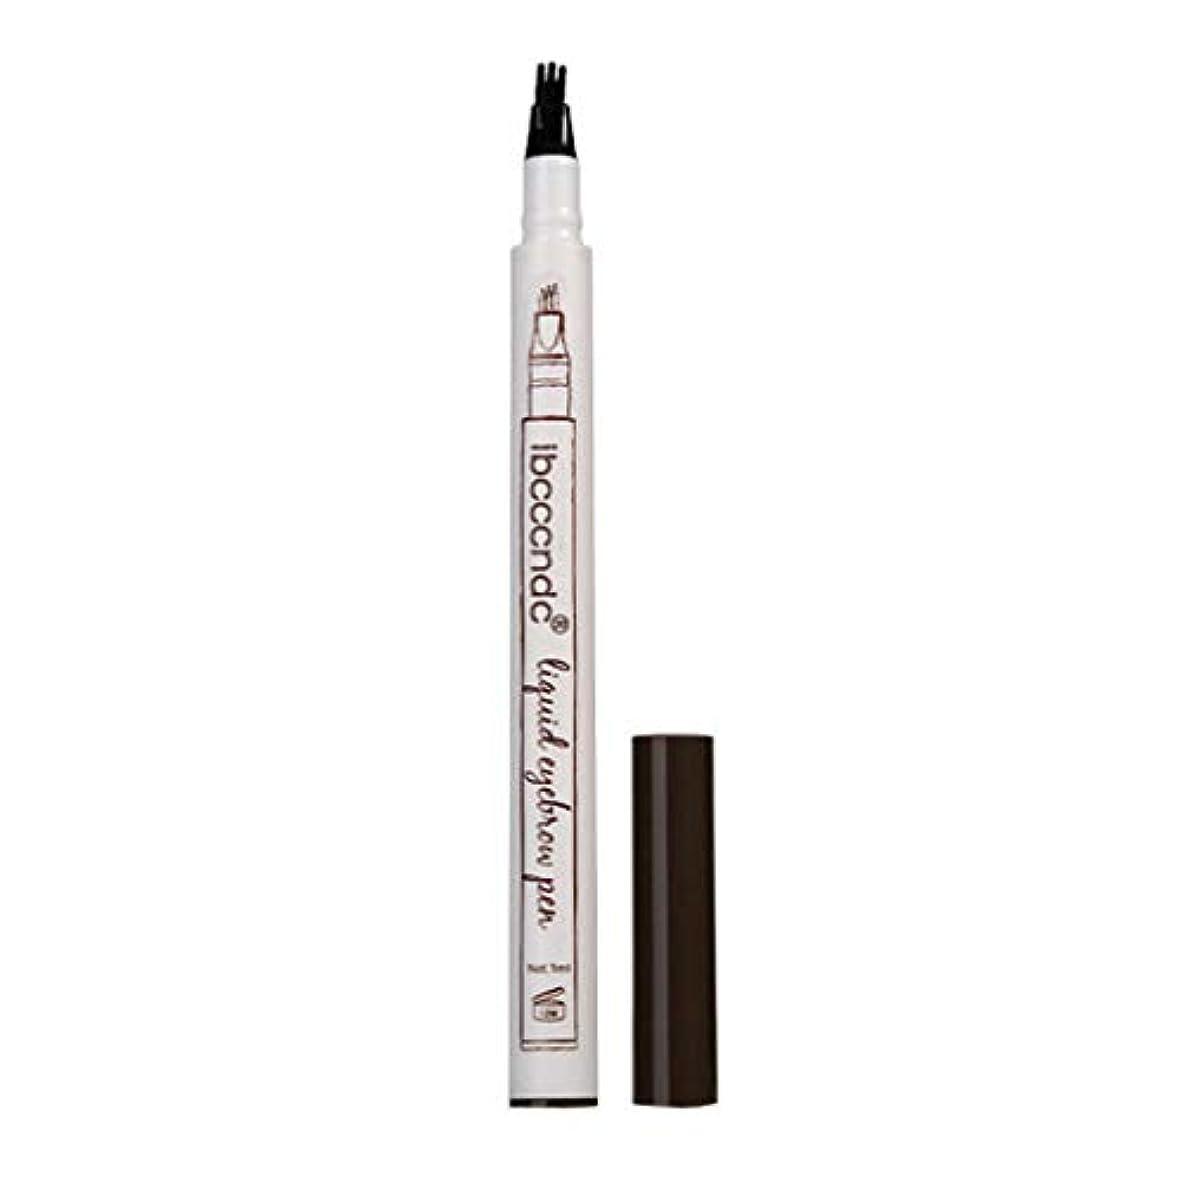 マッサージ回復する衣類3本眉タトゥーペン防水フォークチップスケッチ化粧ペンマイクロブレードインク